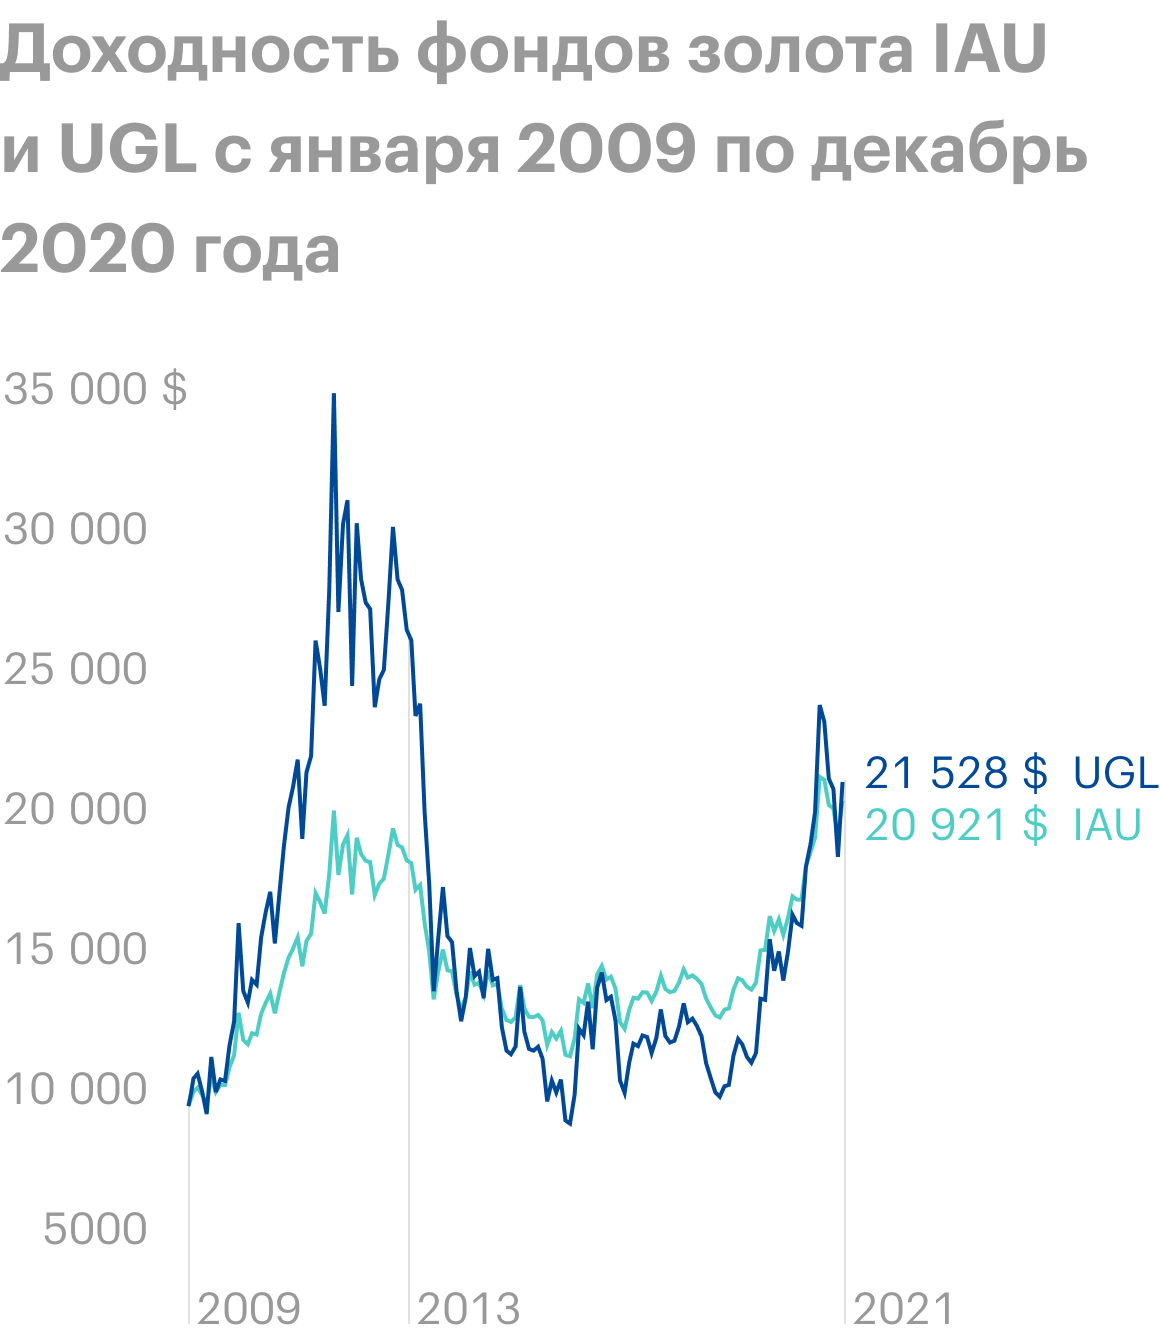 Фонд золота IAU дал 6,34% годовых в долларах. А фонд UGL, имеющий встроенное плечо х2, дал немногим больше — 6,62% годовых, но пригораздо большей волатильности. Источник: Portfolio Visualizer